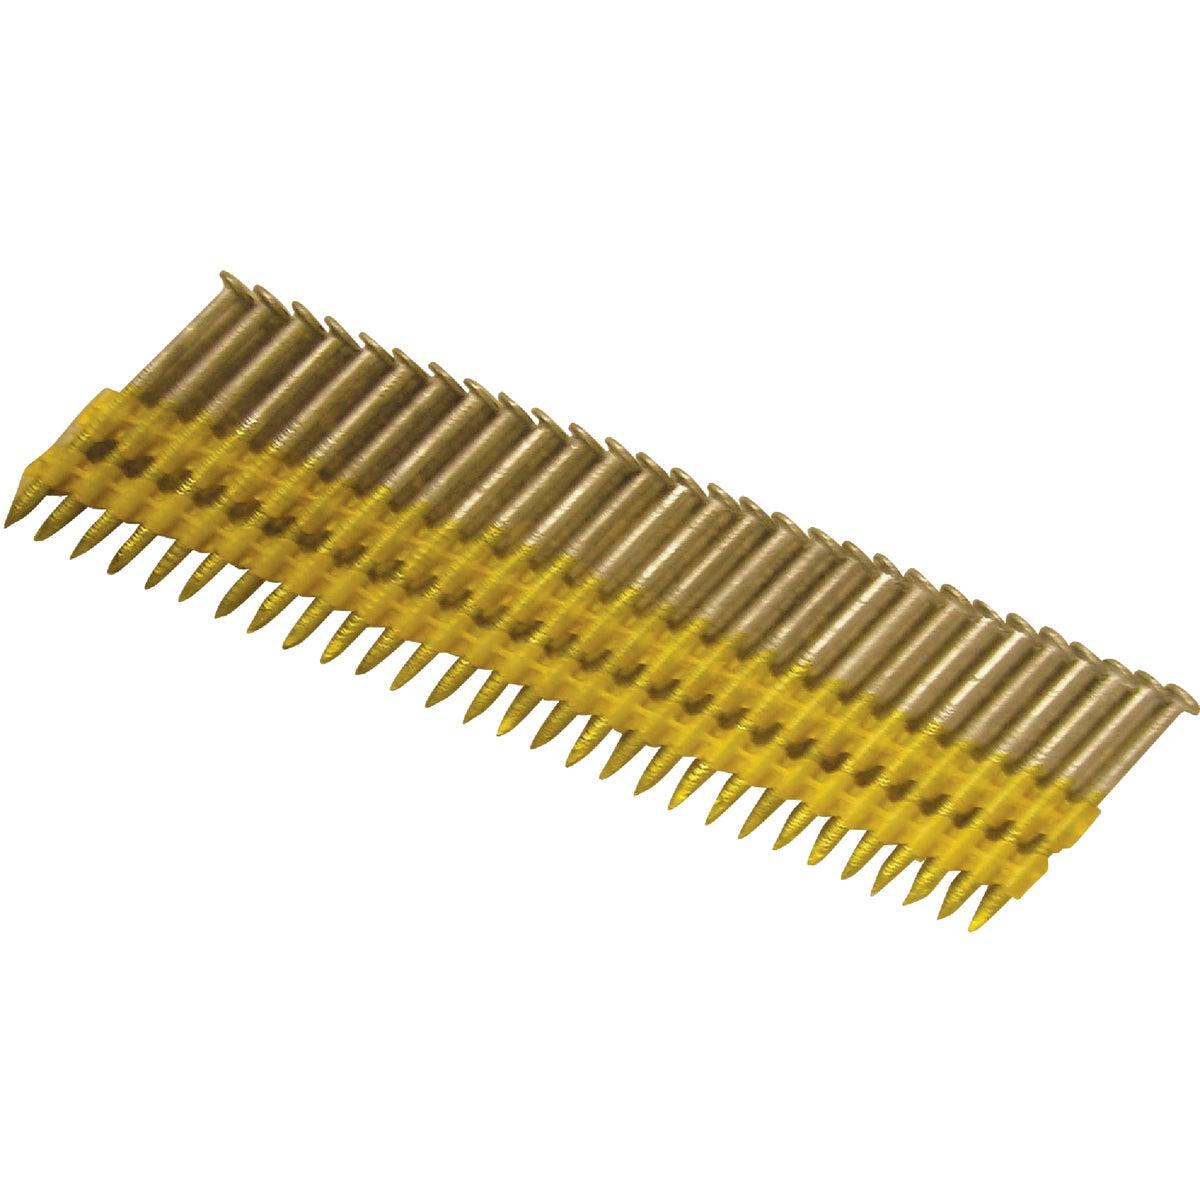 3X.120 HG STICK NAIL - GR408HG by Prime Source Pneumat